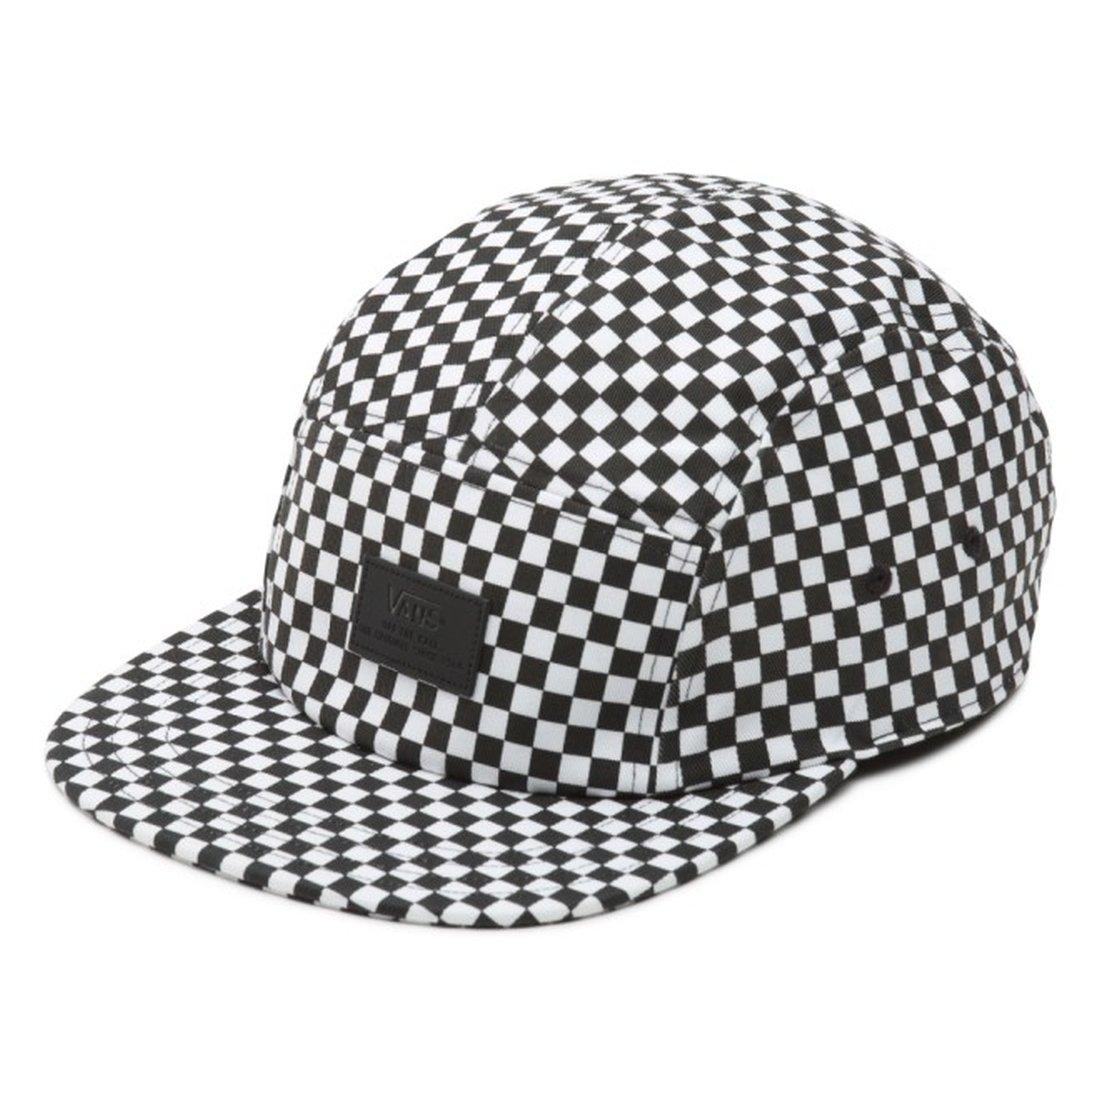 5eb8146792c7e Vans Black-White Check Davis Five Panel Adjustable Cap (Default, Black) at Amazon  Men's Clothing store: